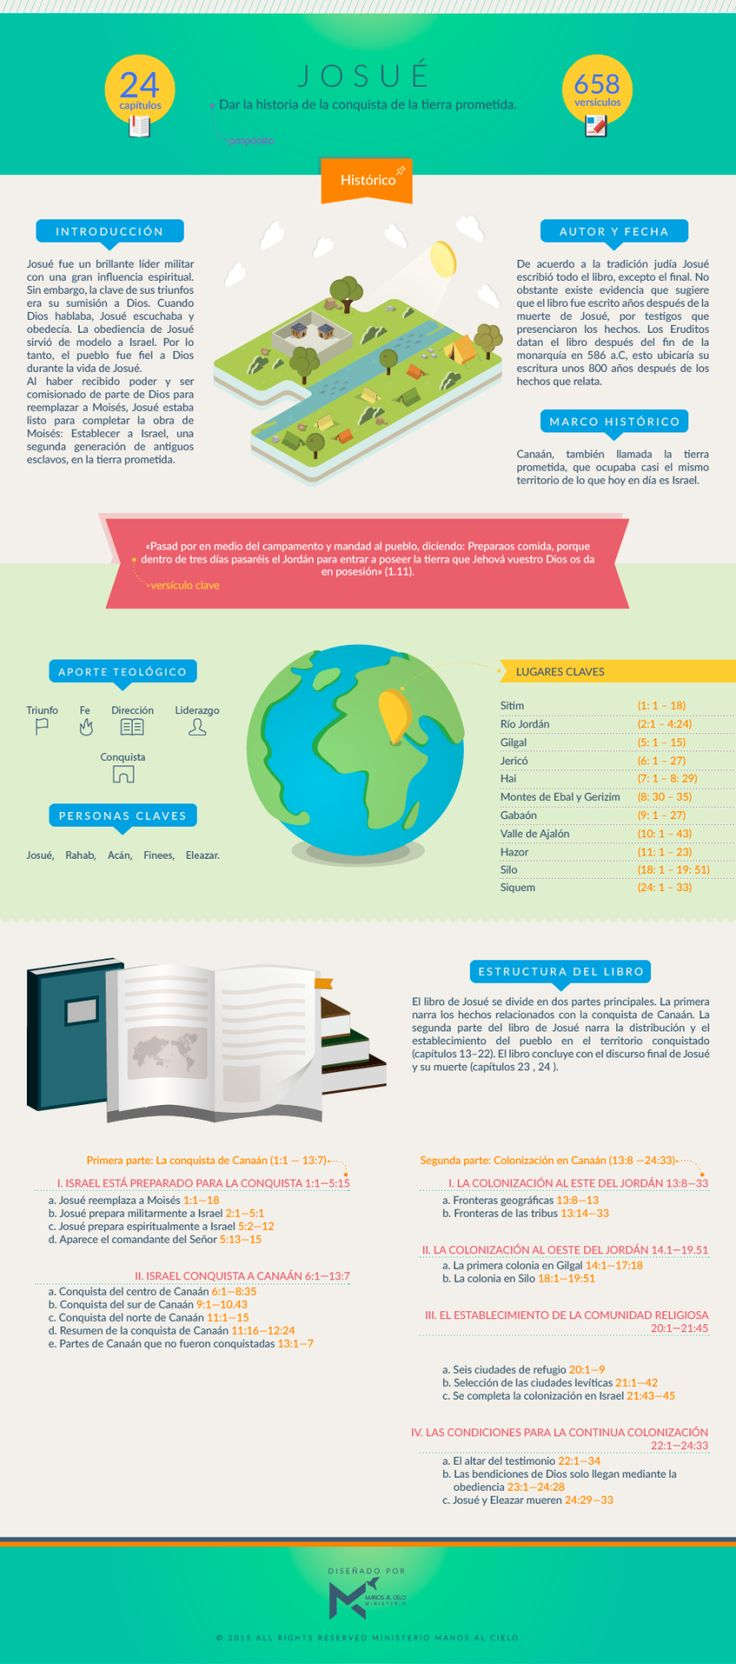 Infografía sobre el libro de JOSUÉ. #infobiblia Puedes descargar esta infografía aquí Síguenos en: Instagram | Facebook | Twitter